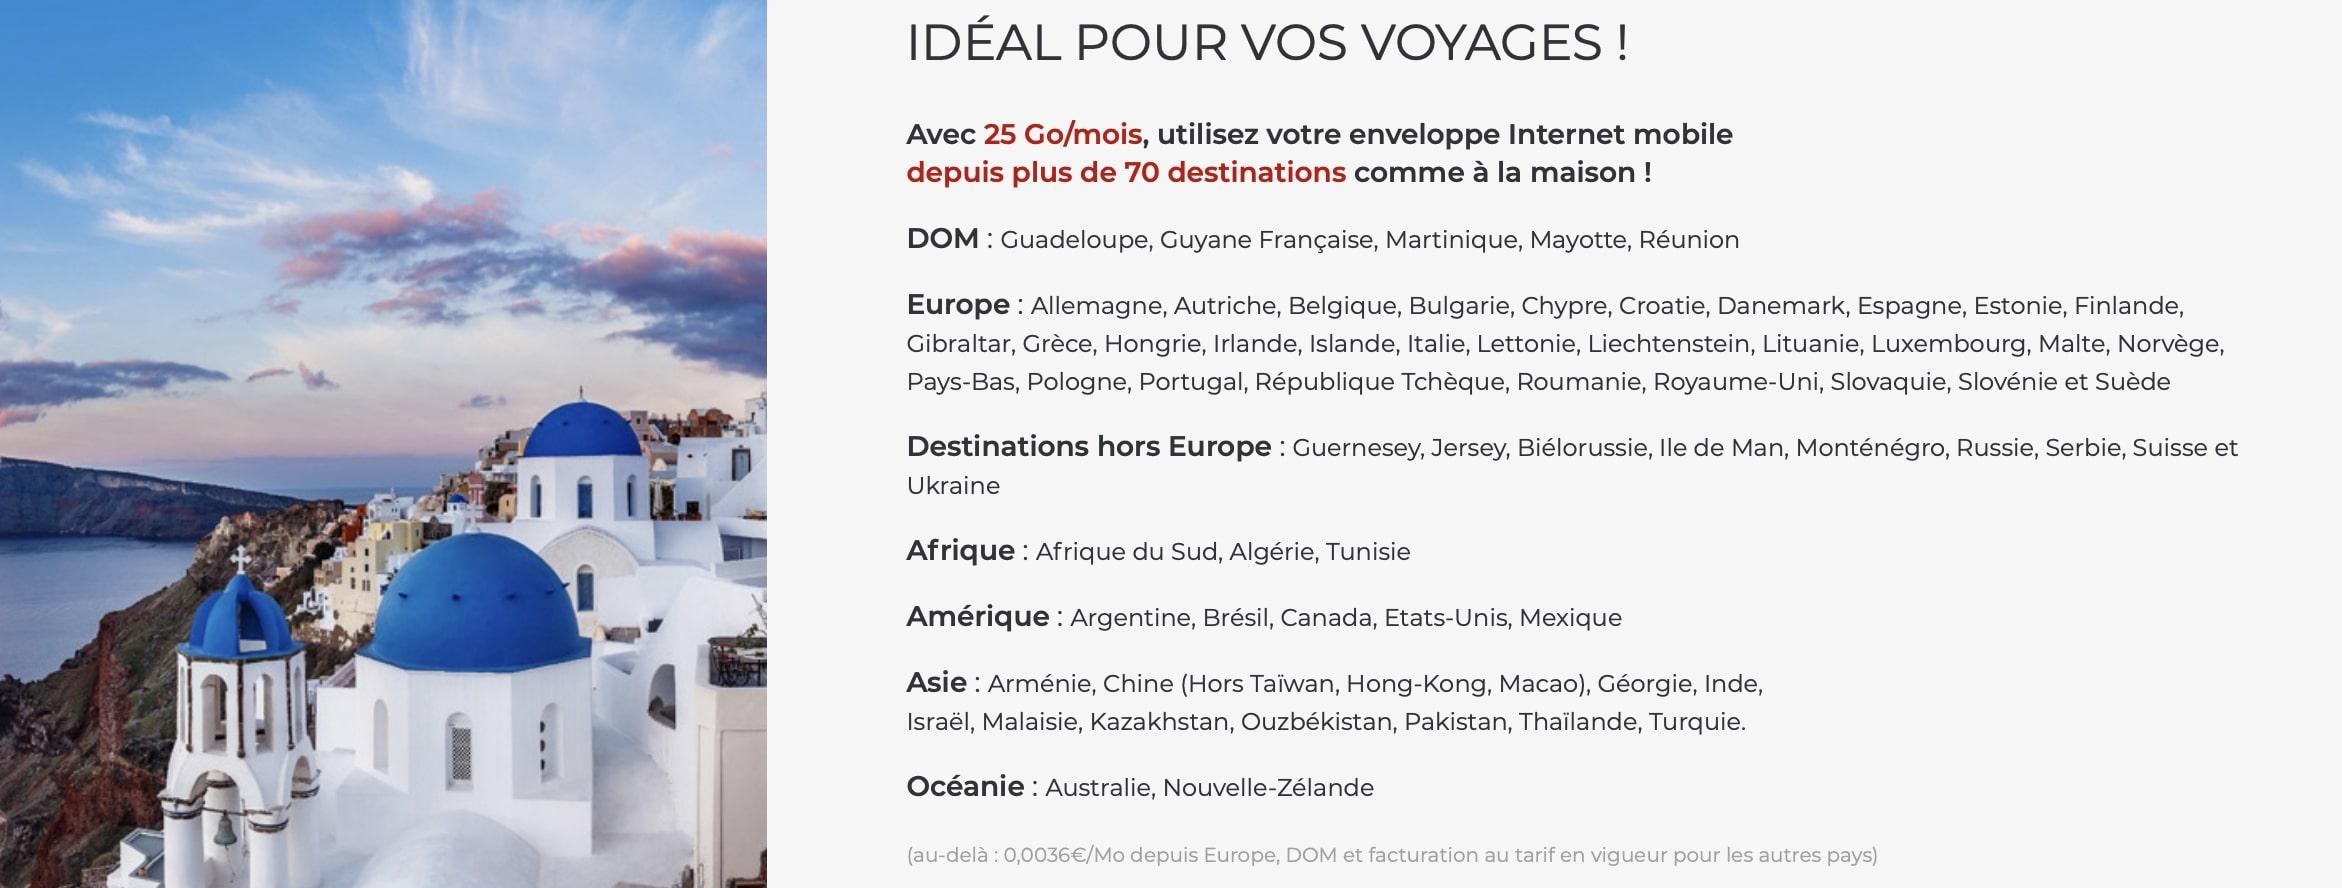 Les avantages du forfait mobile pas cher Free à 19,99 euros par mois pour le voyage